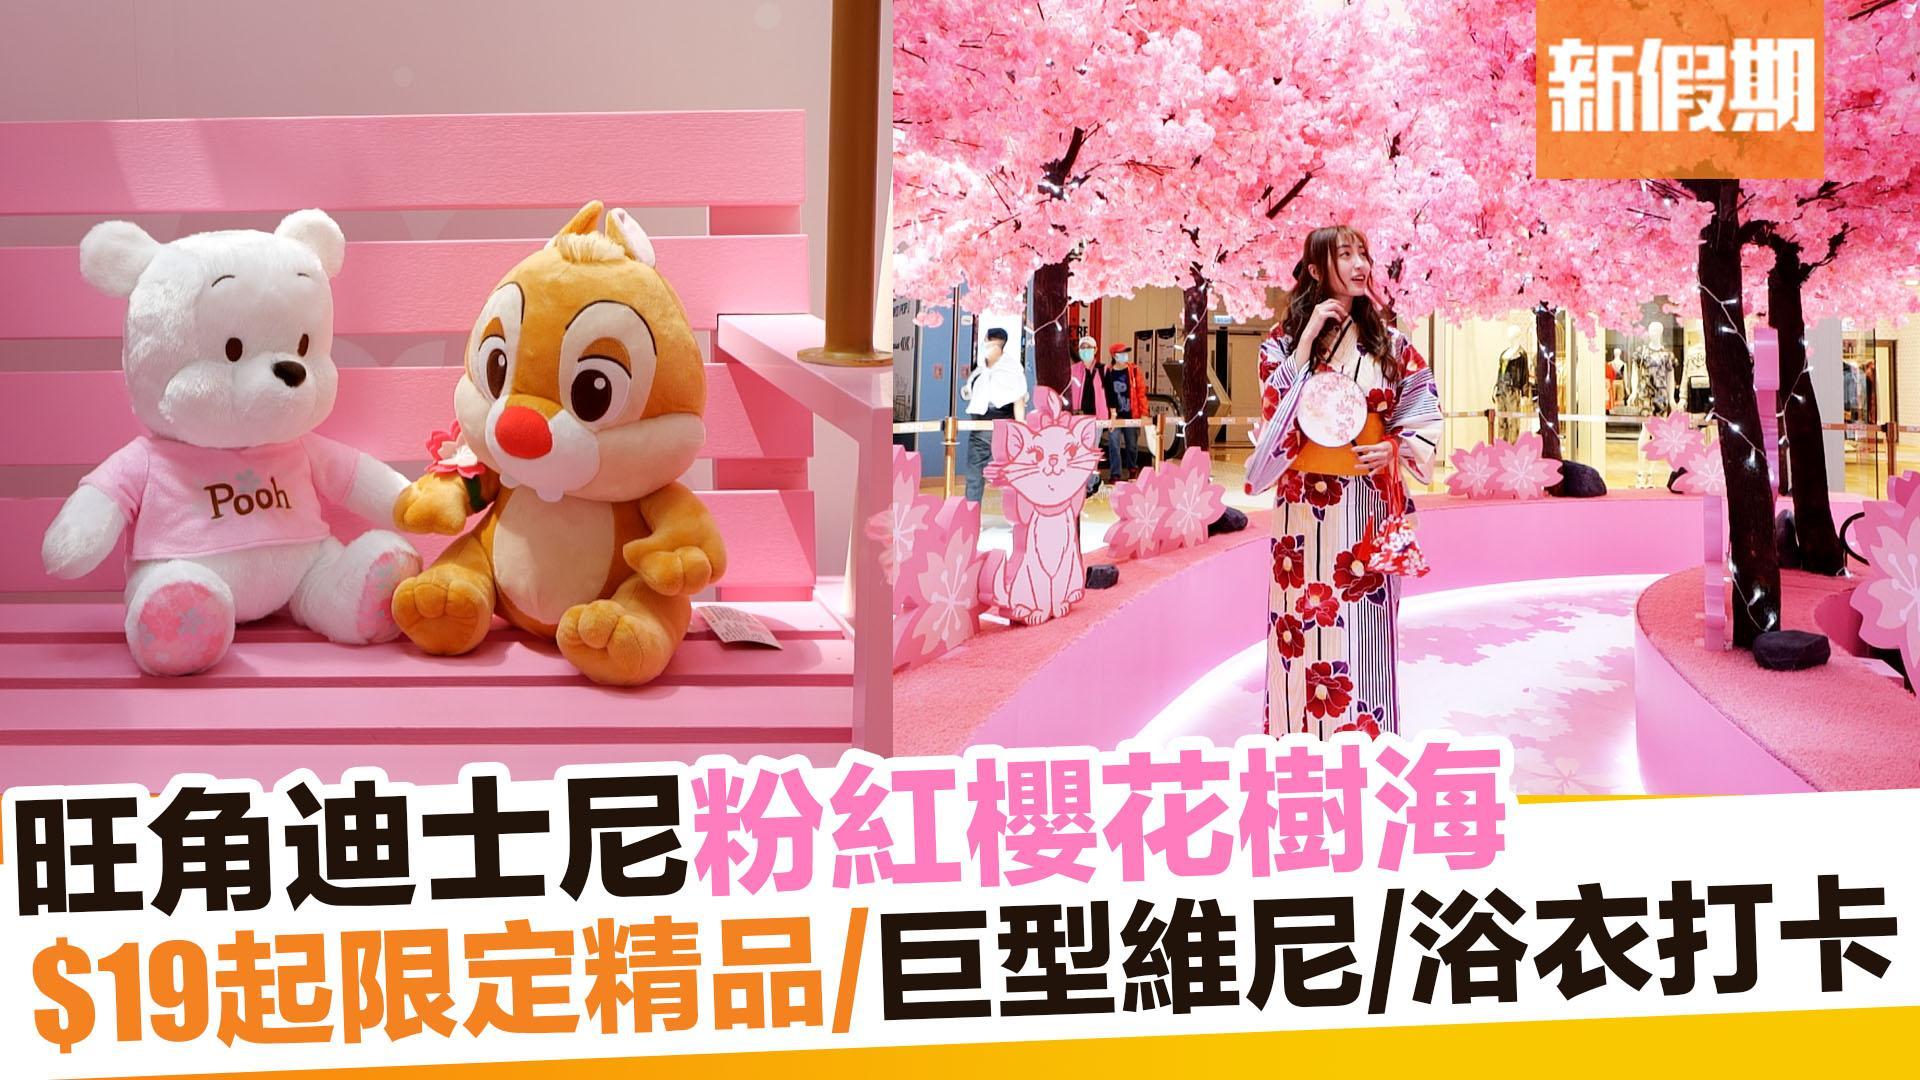 【香港好去處】旺角MOKO開迪士尼櫻花季期間限定店|新假期